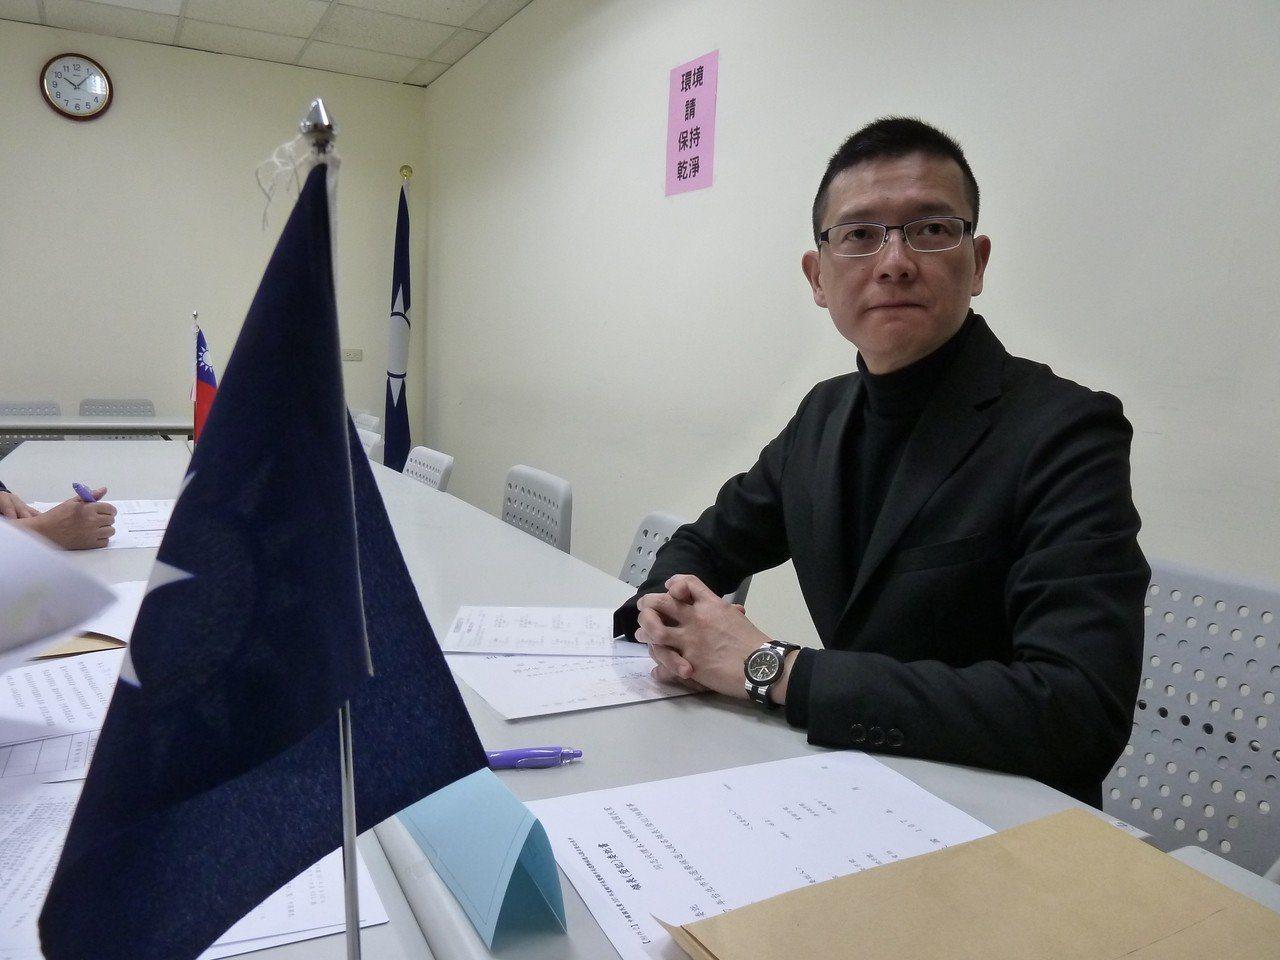 韓國瑜競選總部副執行長孫大千。報系資料照片